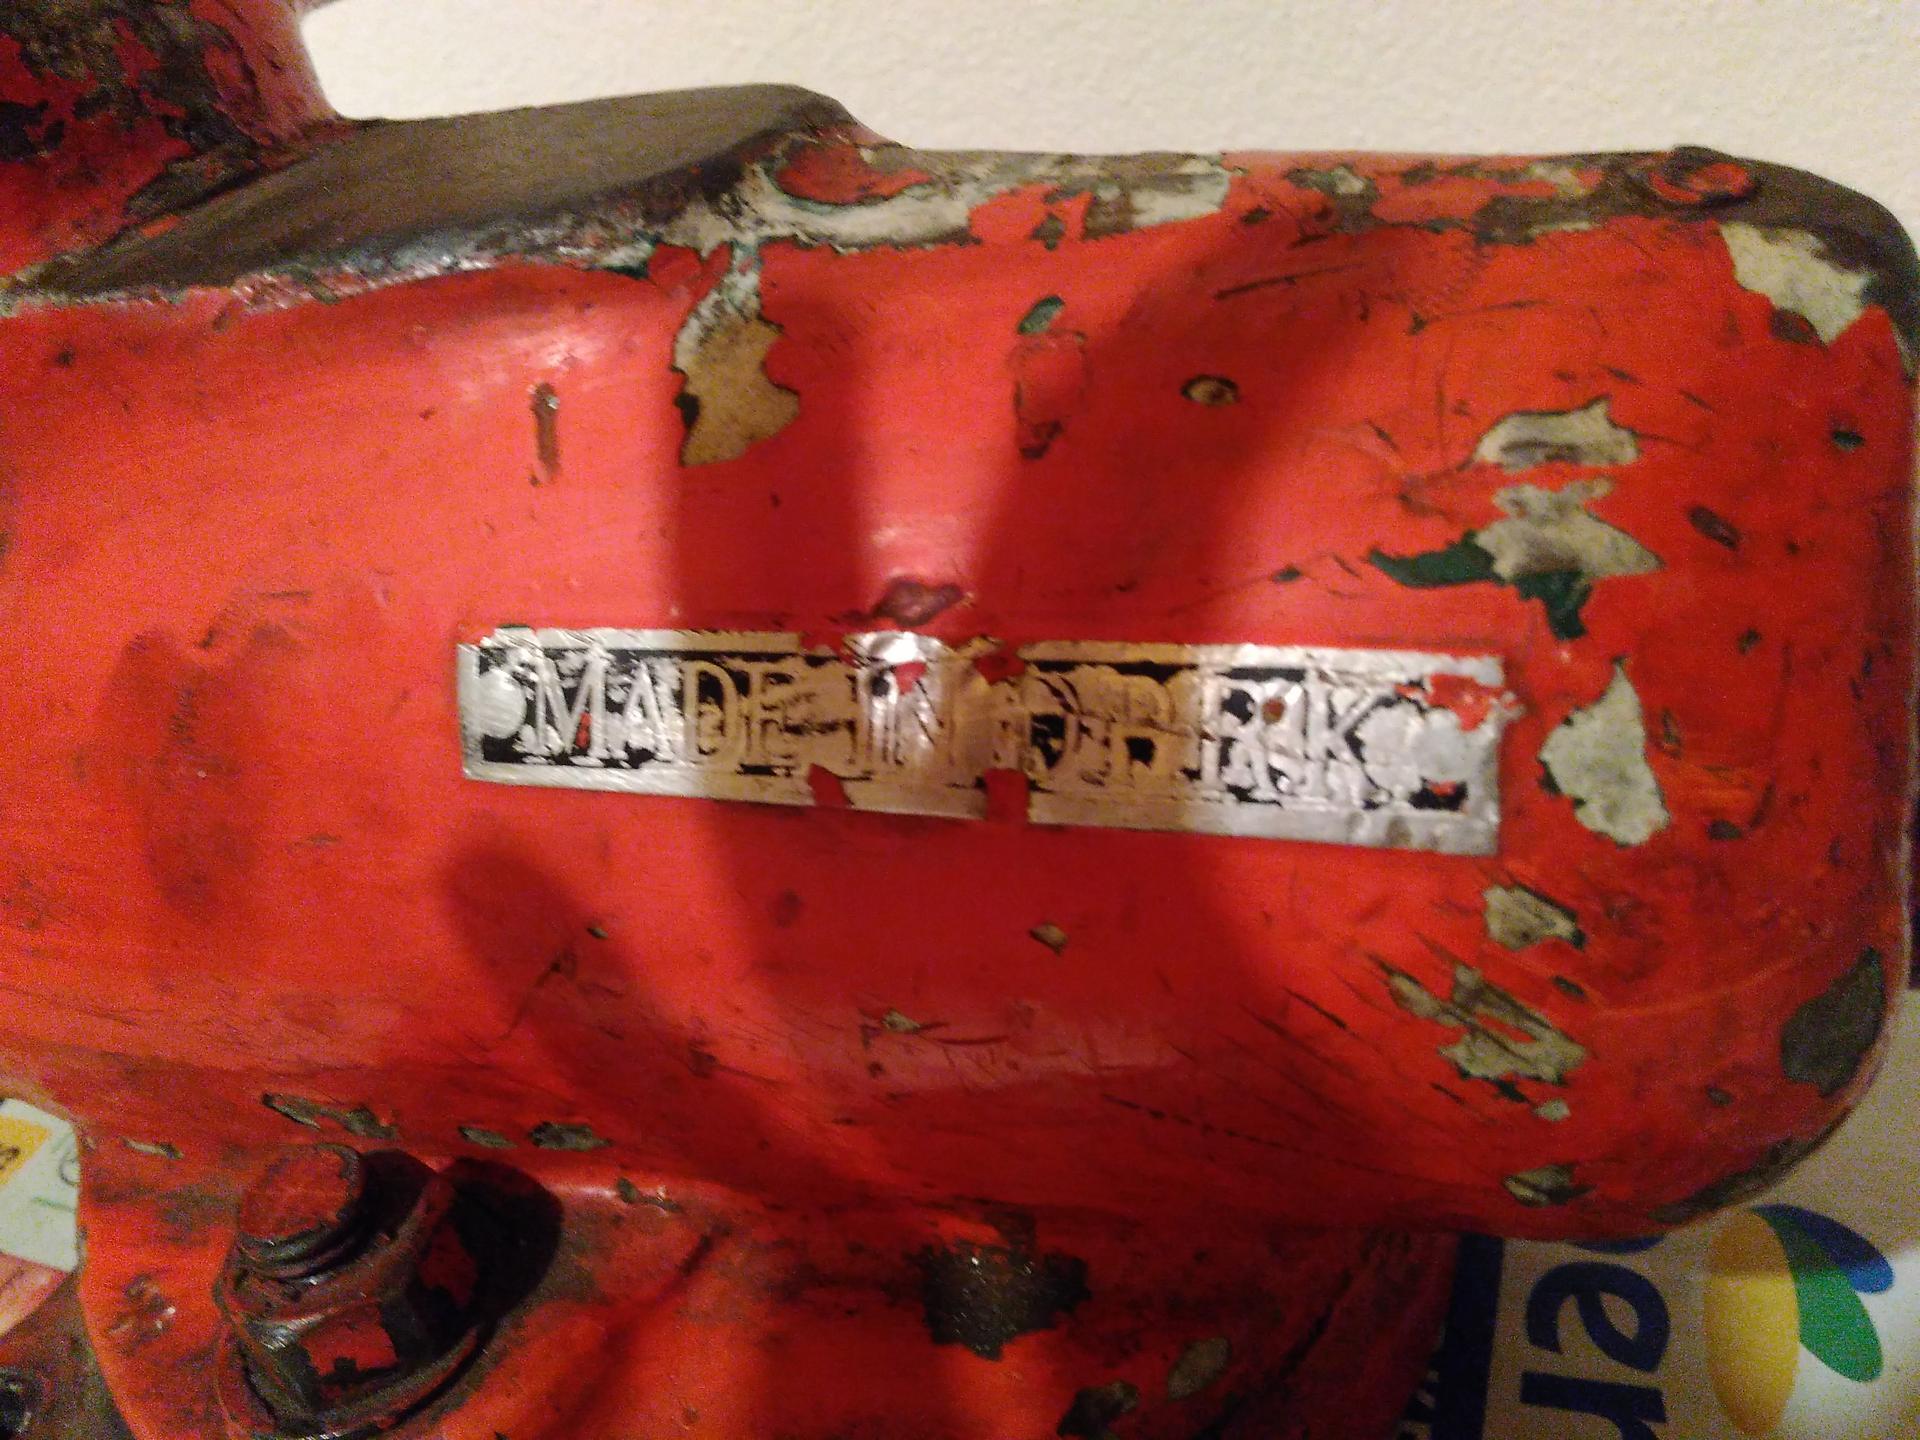 Renovace svěráku Made in D.P.R.K. - Obrázek č. 1